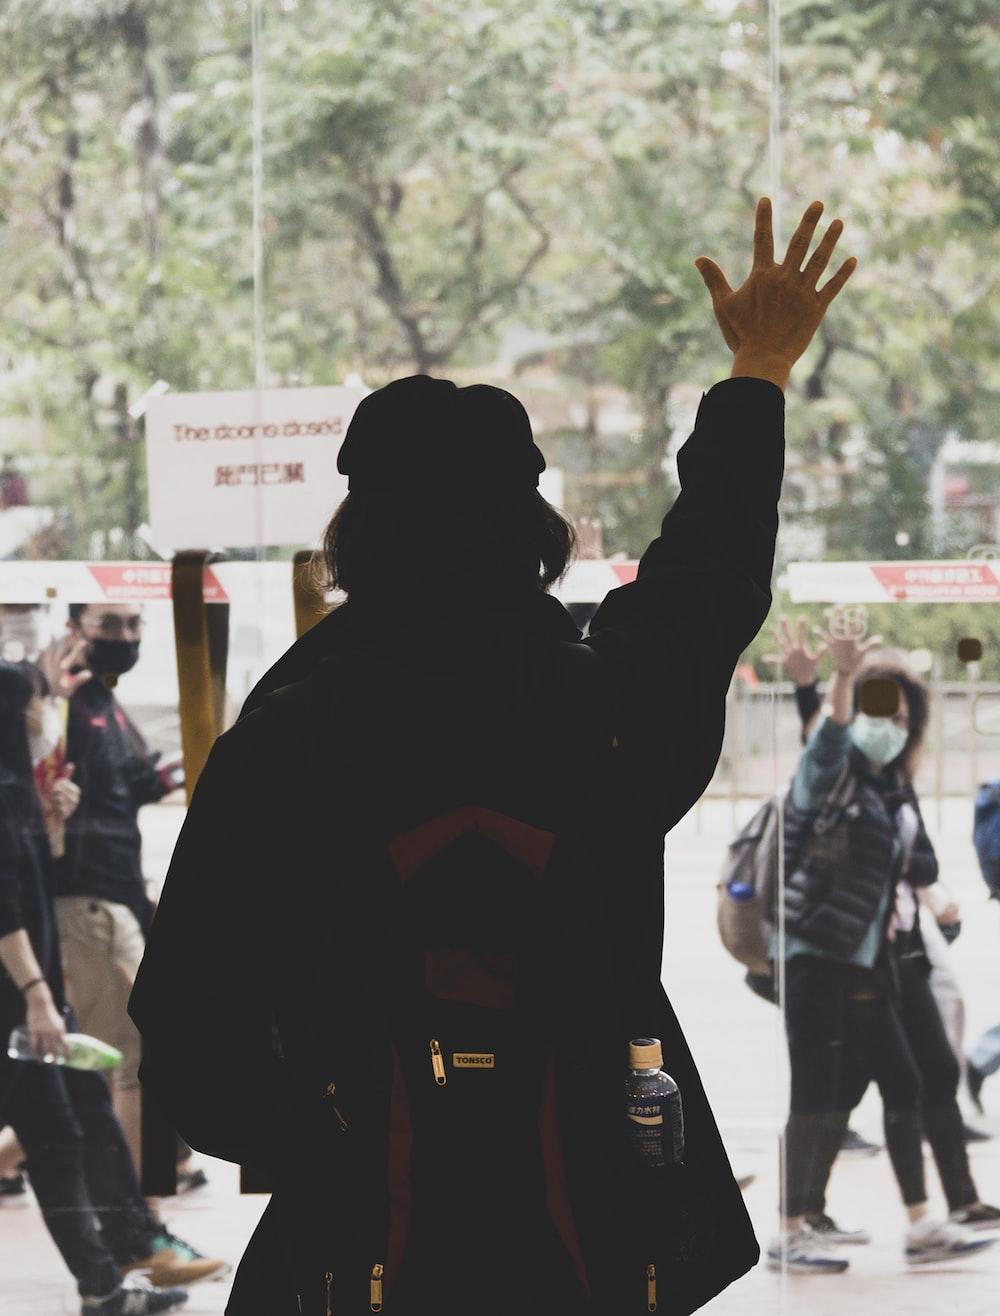 man in black hoodie raising his hands